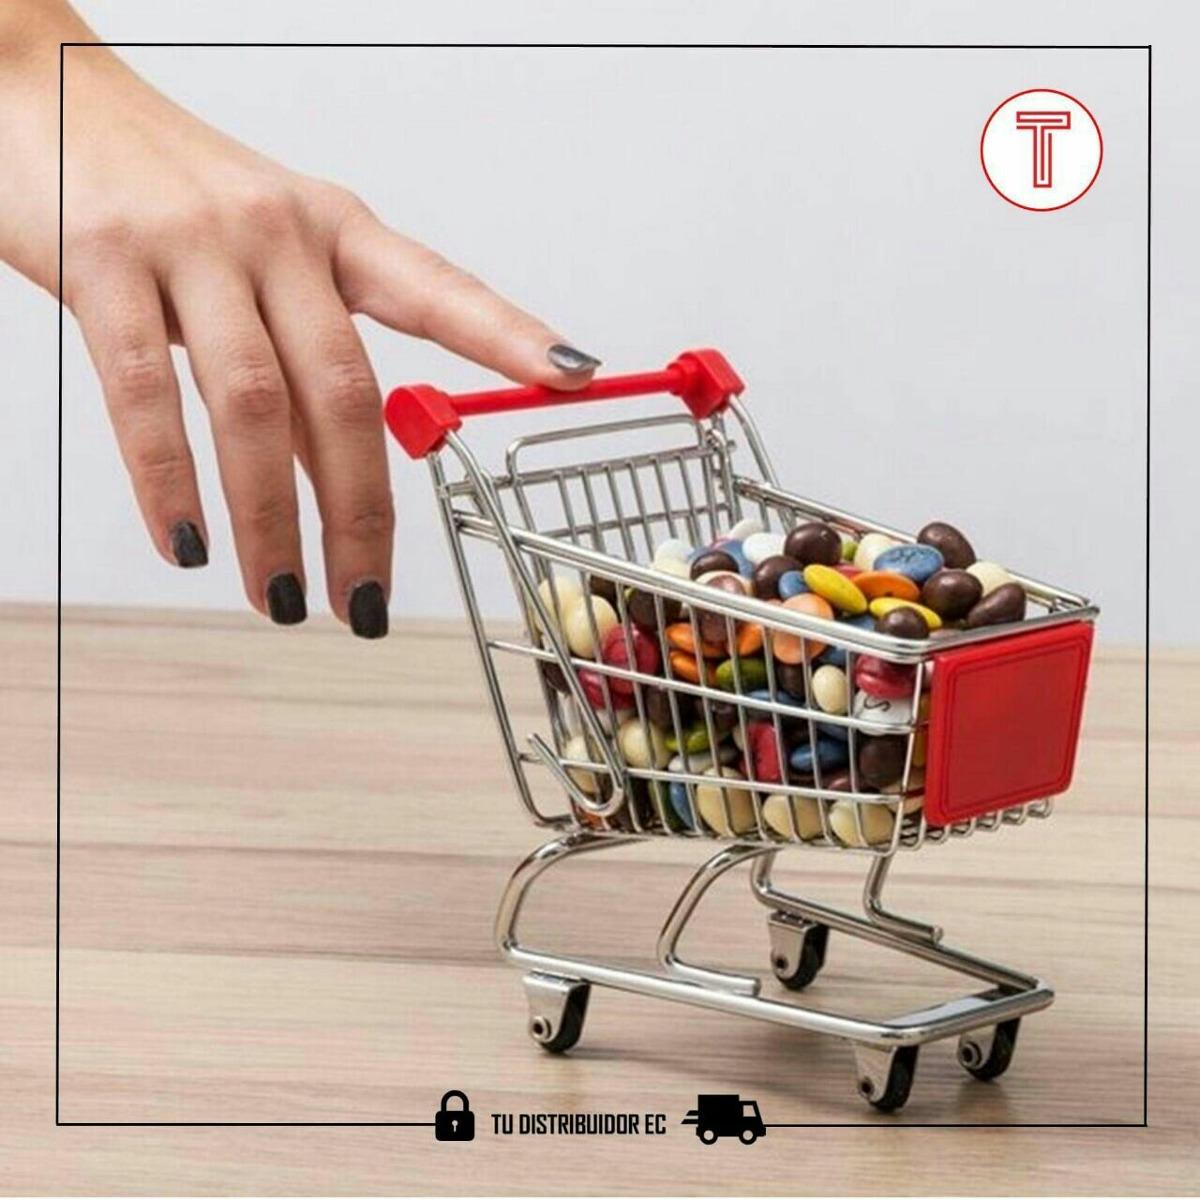 De Decoración Compra Juguete Publicidad Carrito Mini bfgy76